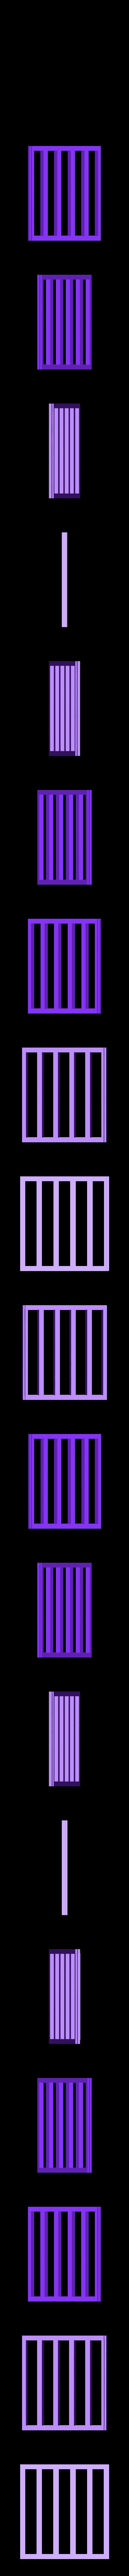 flat_gate.stl Télécharger fichier STL gratuit Cage avec porte de travail • Design pour imprimante 3D, Louisdelgado678